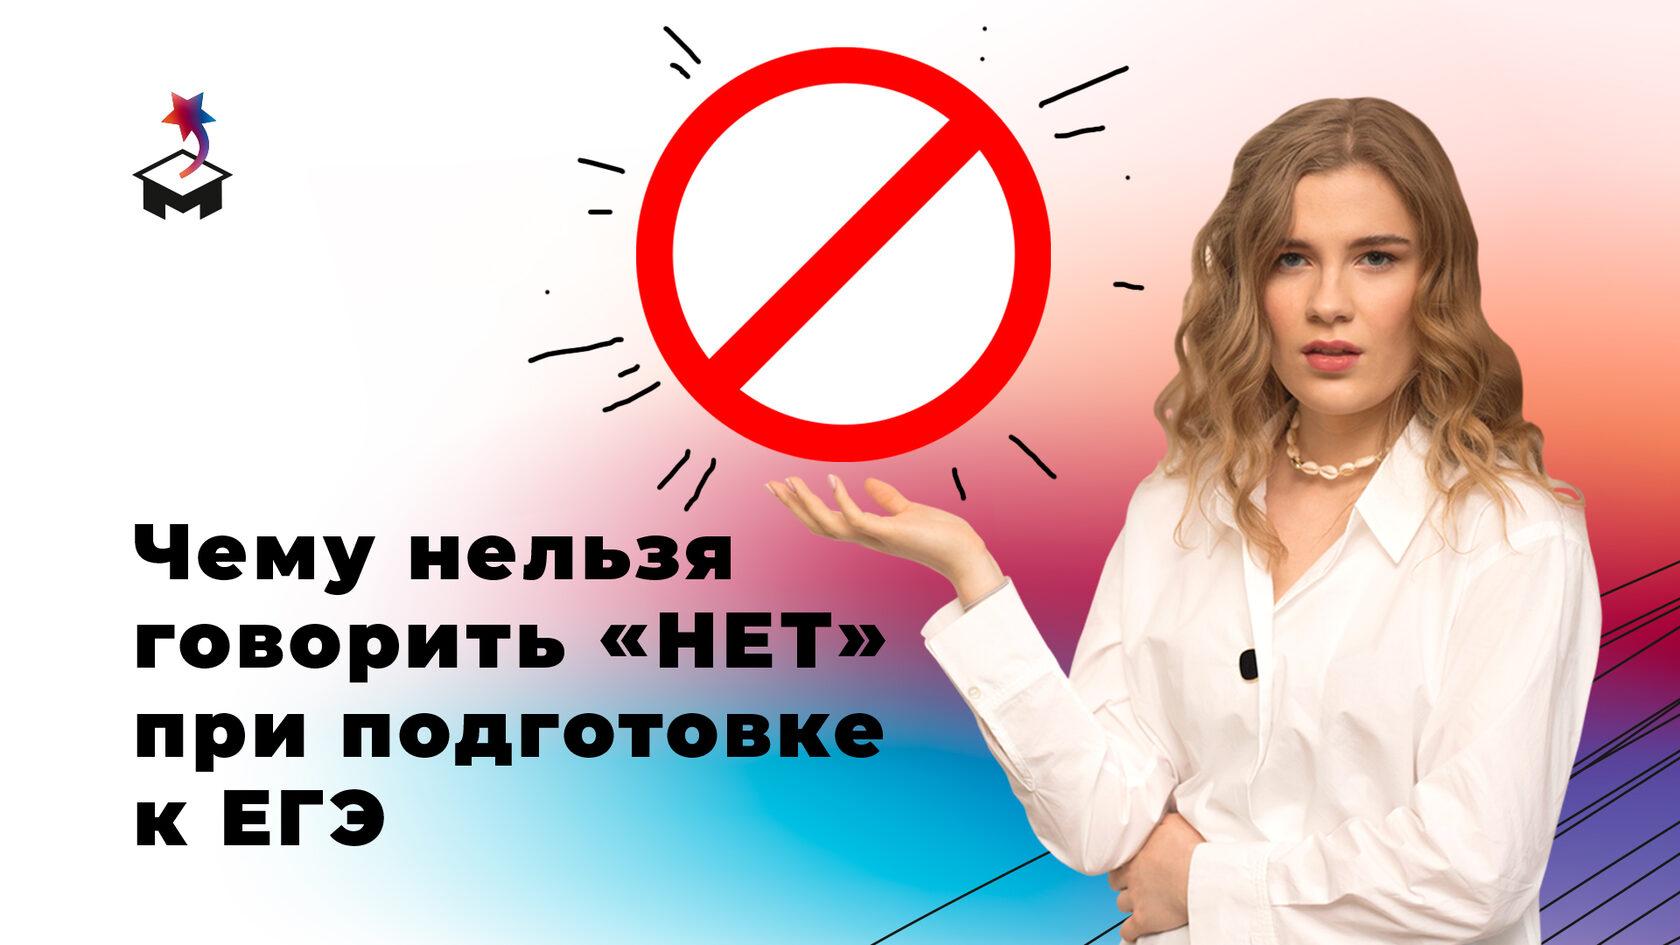 Анна Маркс и знак запрета